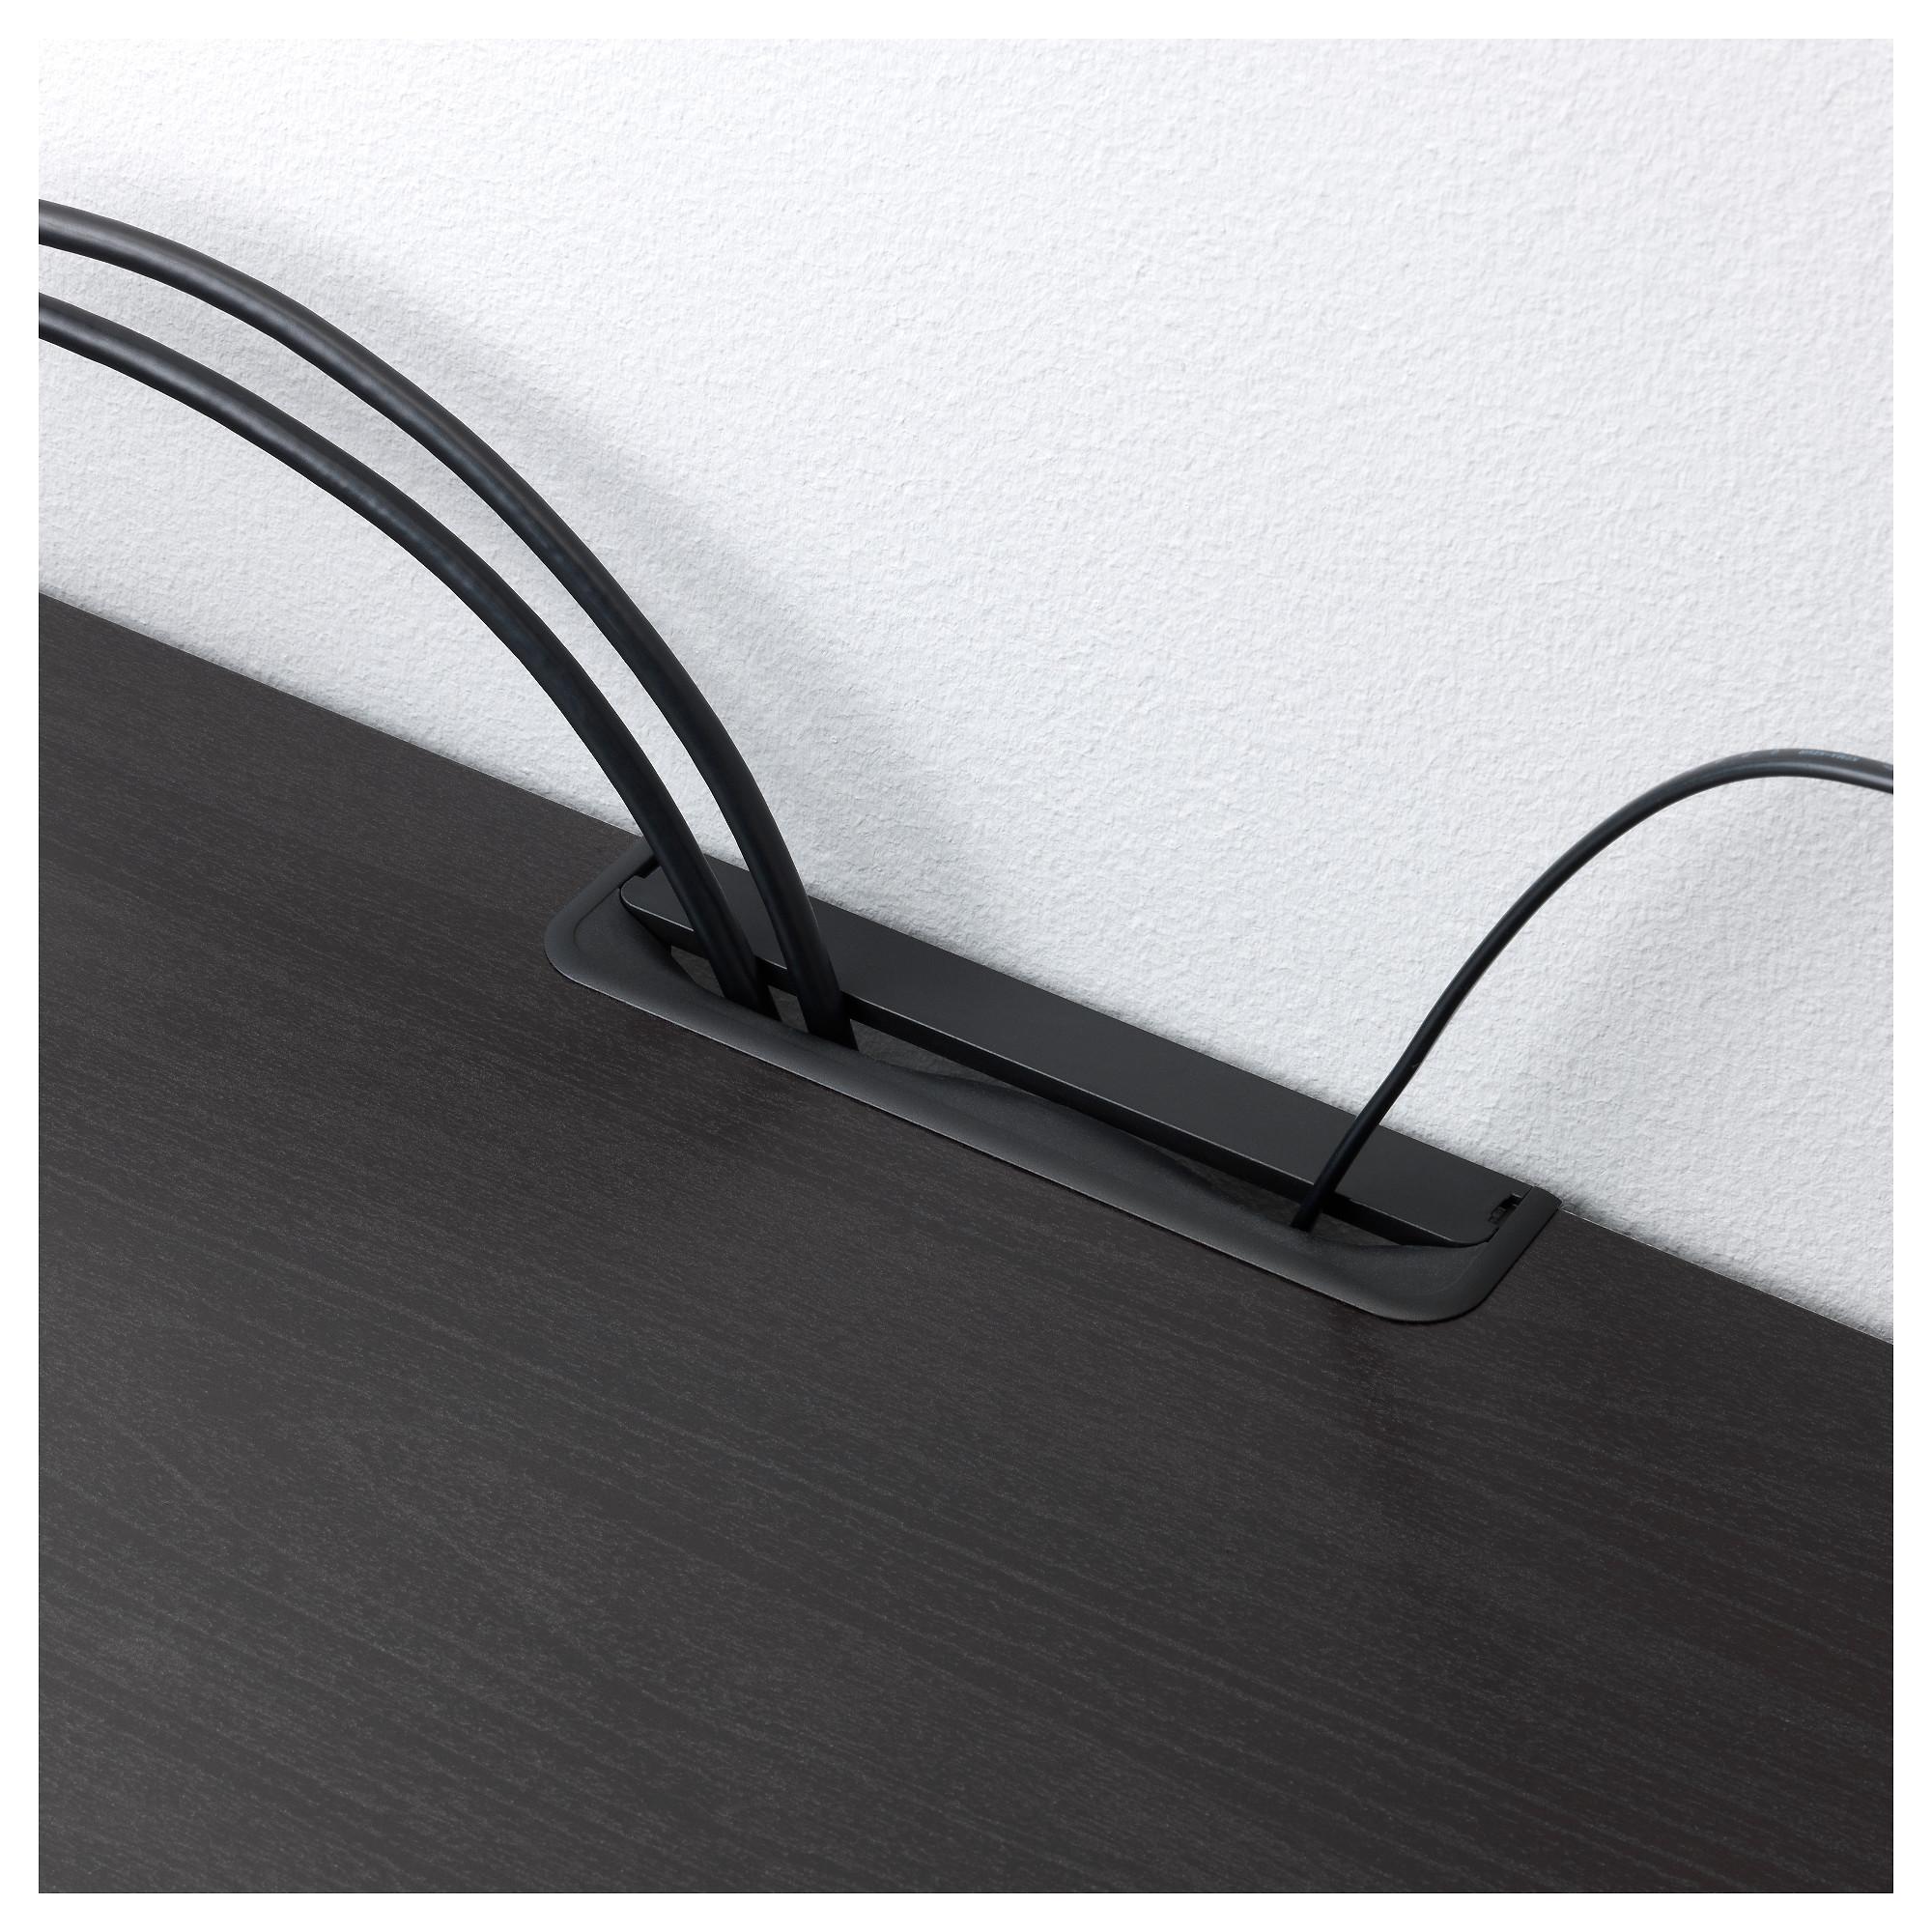 Шкаф для ТВ, комбинированный, стекляные дверцы БЕСТО артикуль № 092.509.33 в наличии. Онлайн каталог IKEA Минск. Быстрая доставка и монтаж.